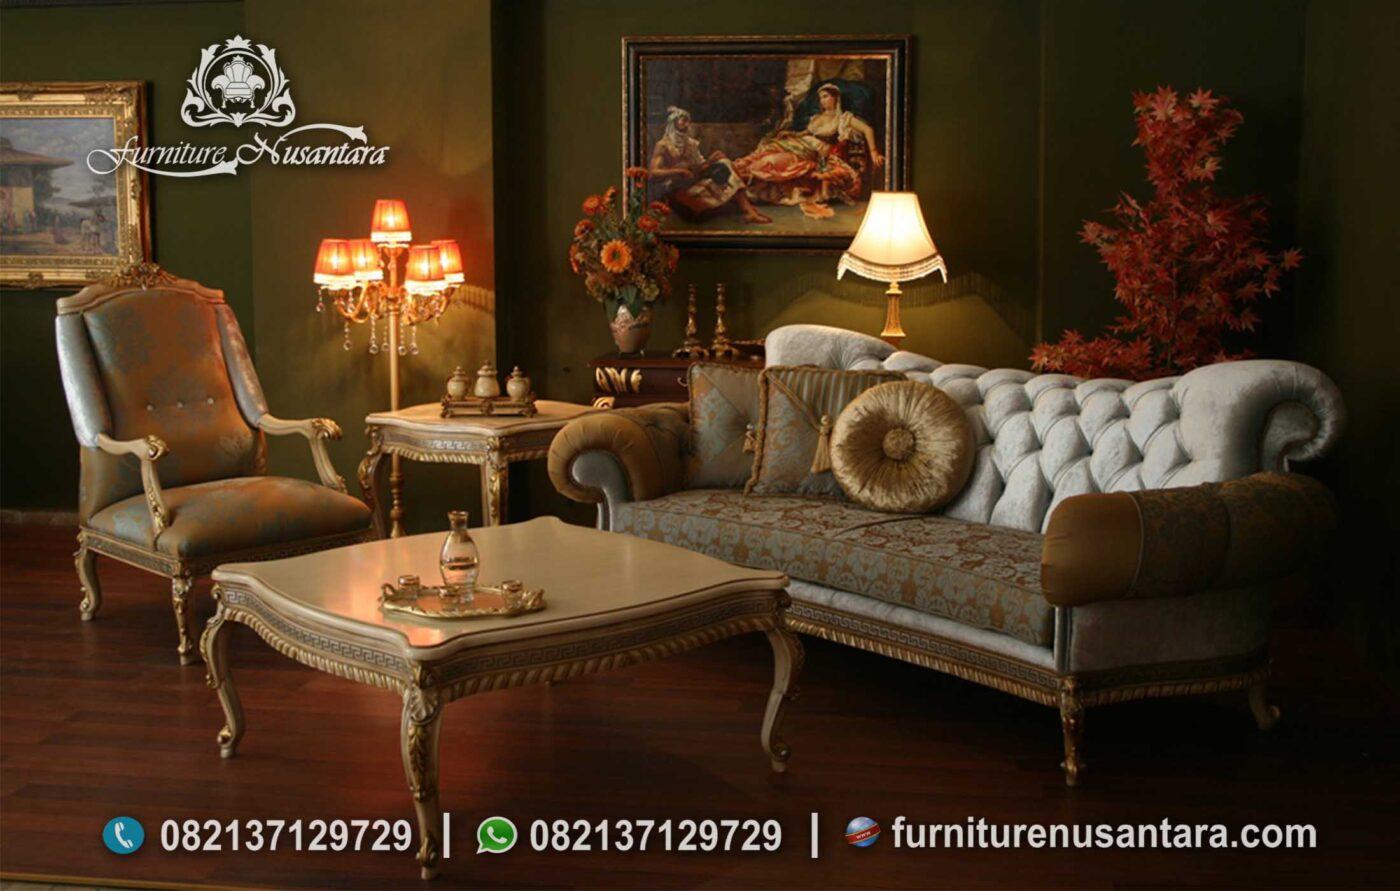 Sofa Elegan Ruang Keluarga Terbaik ST-77, Furniture Nusantara